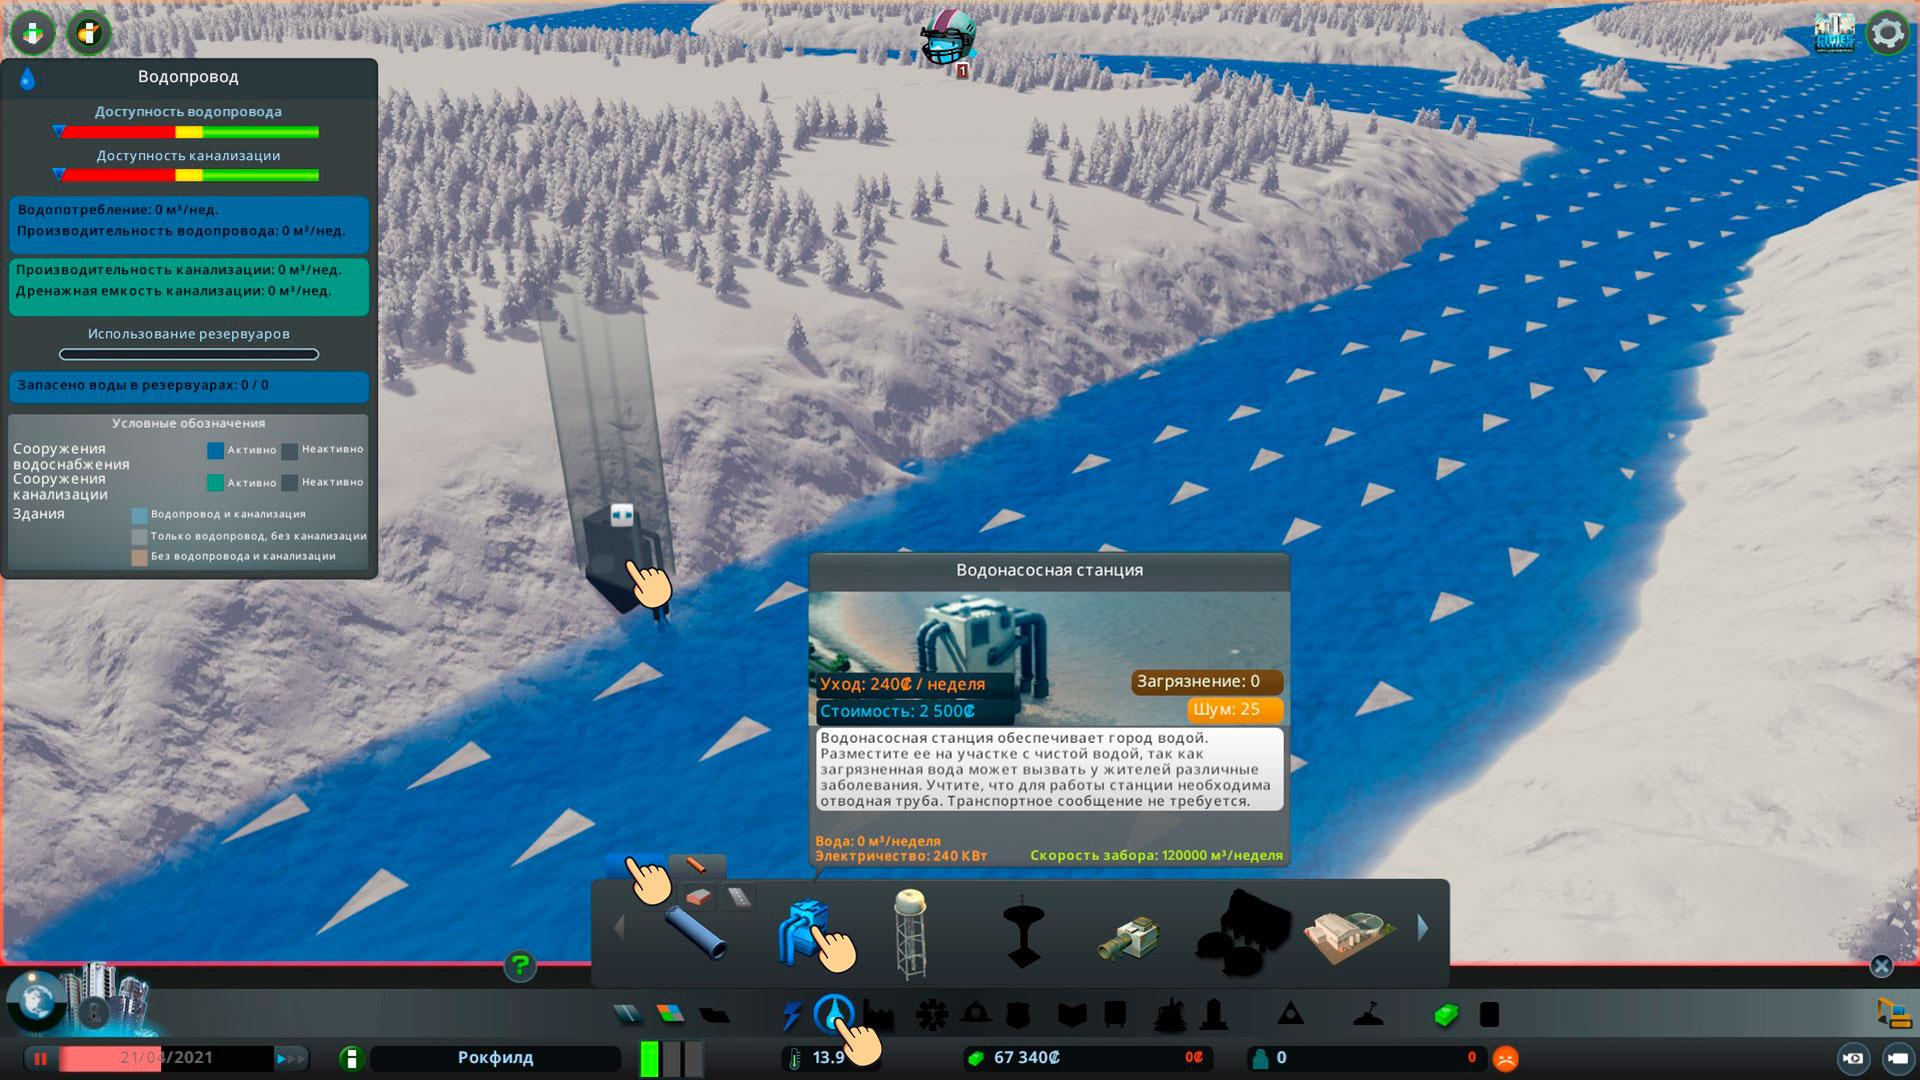 Постройте водонасосную станцию cities skylines